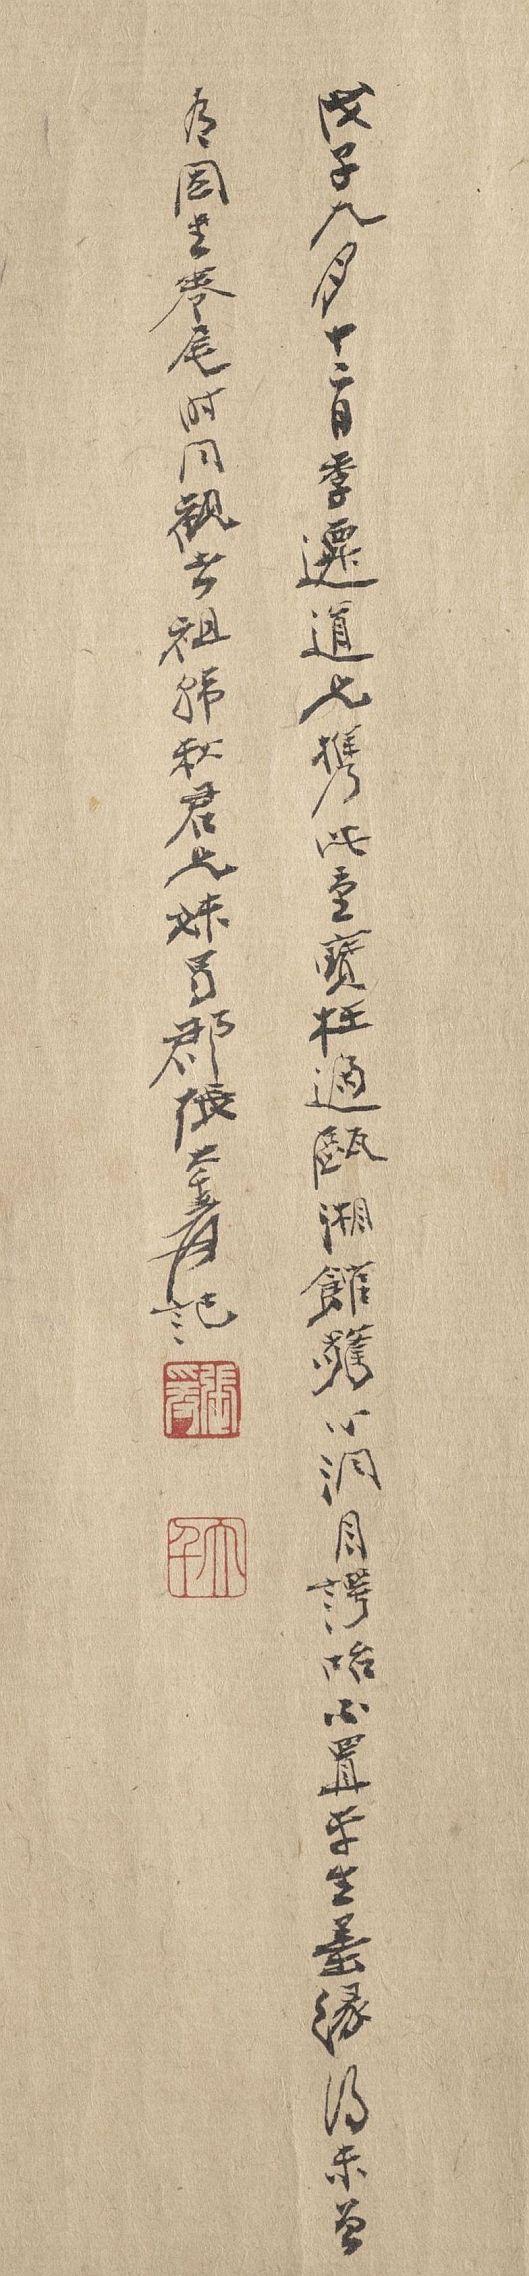 wen-ji-gui-han-tu11